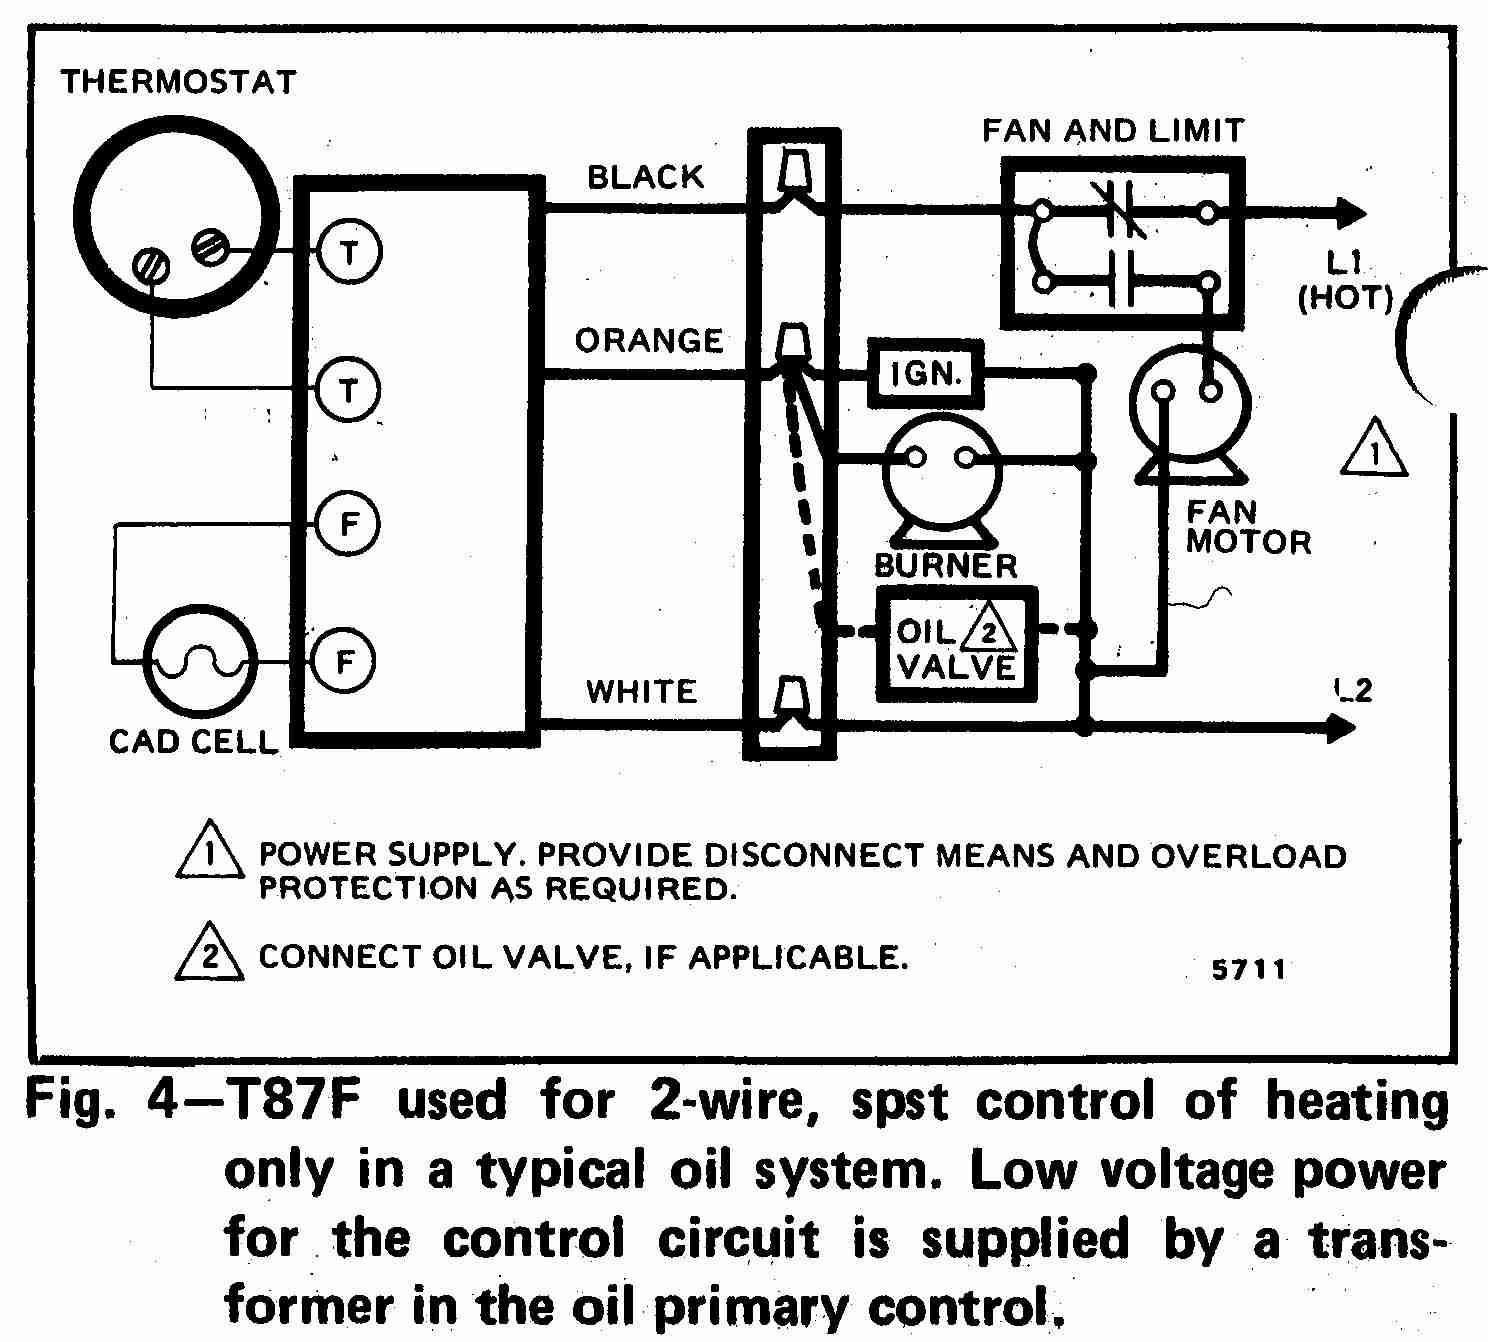 Ge Thermostat Wiring Diagram Free Picture Schematic - Wiring Data - Rheem Heat Pump Wiring Diagram